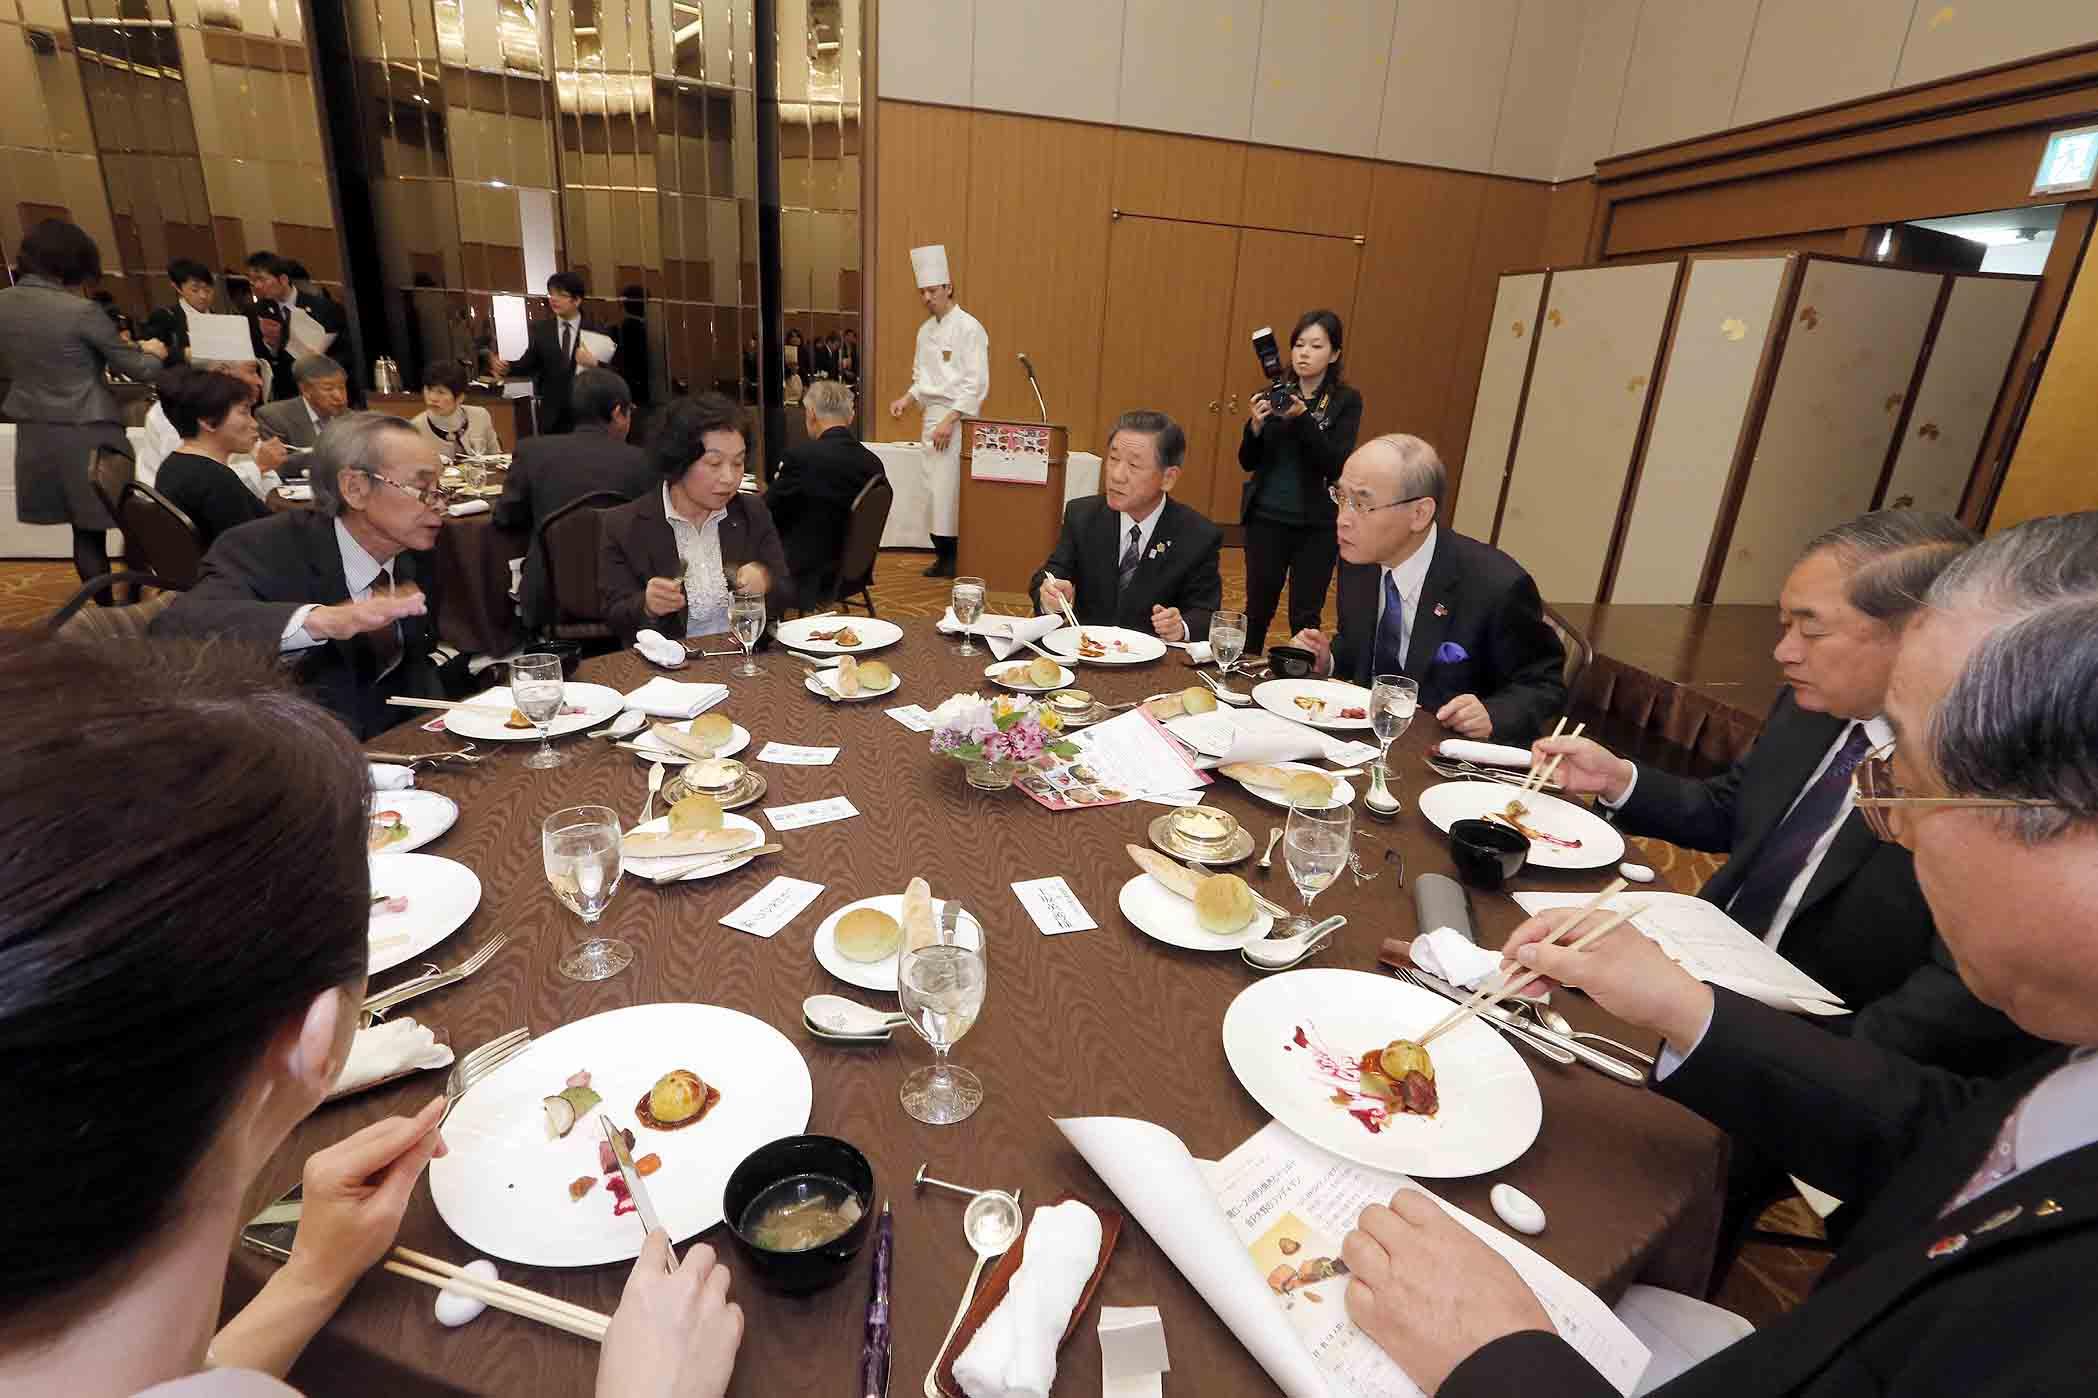 提供された多彩なジビエ料理=19日午前11時40分、金沢市内のホテル